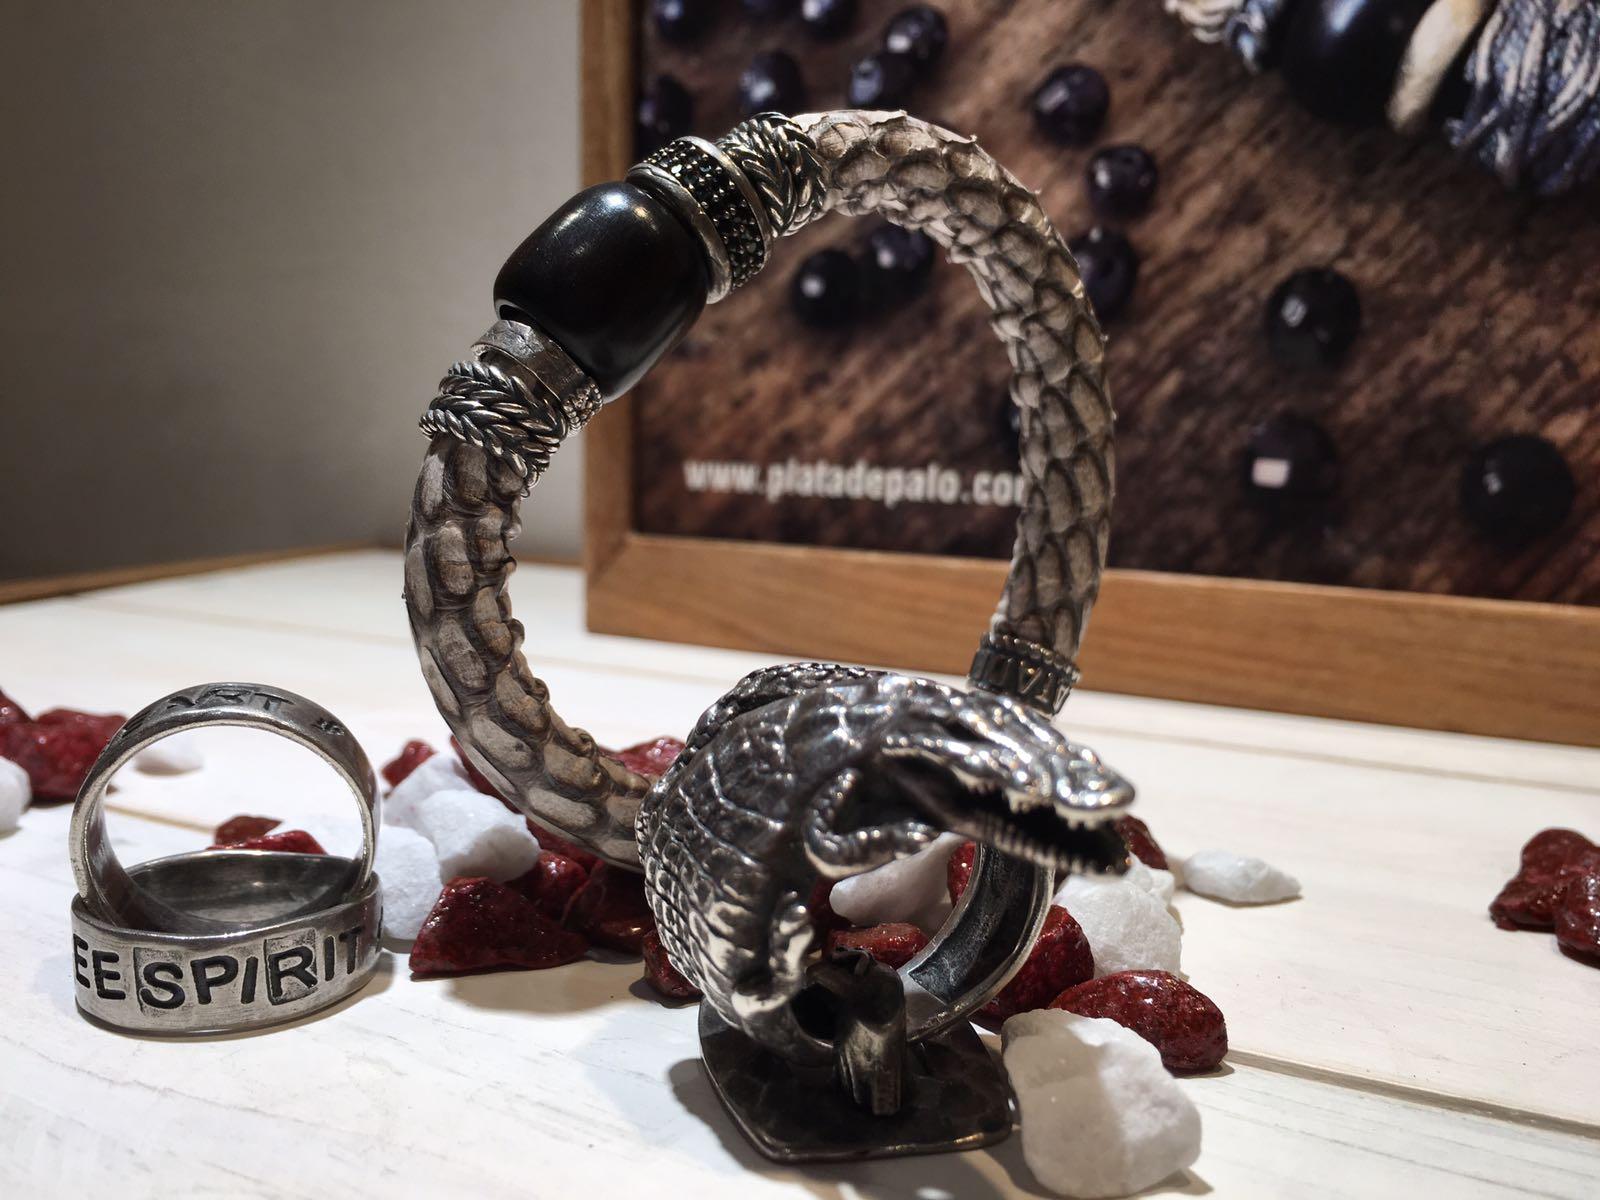 bacciale e anello serpente